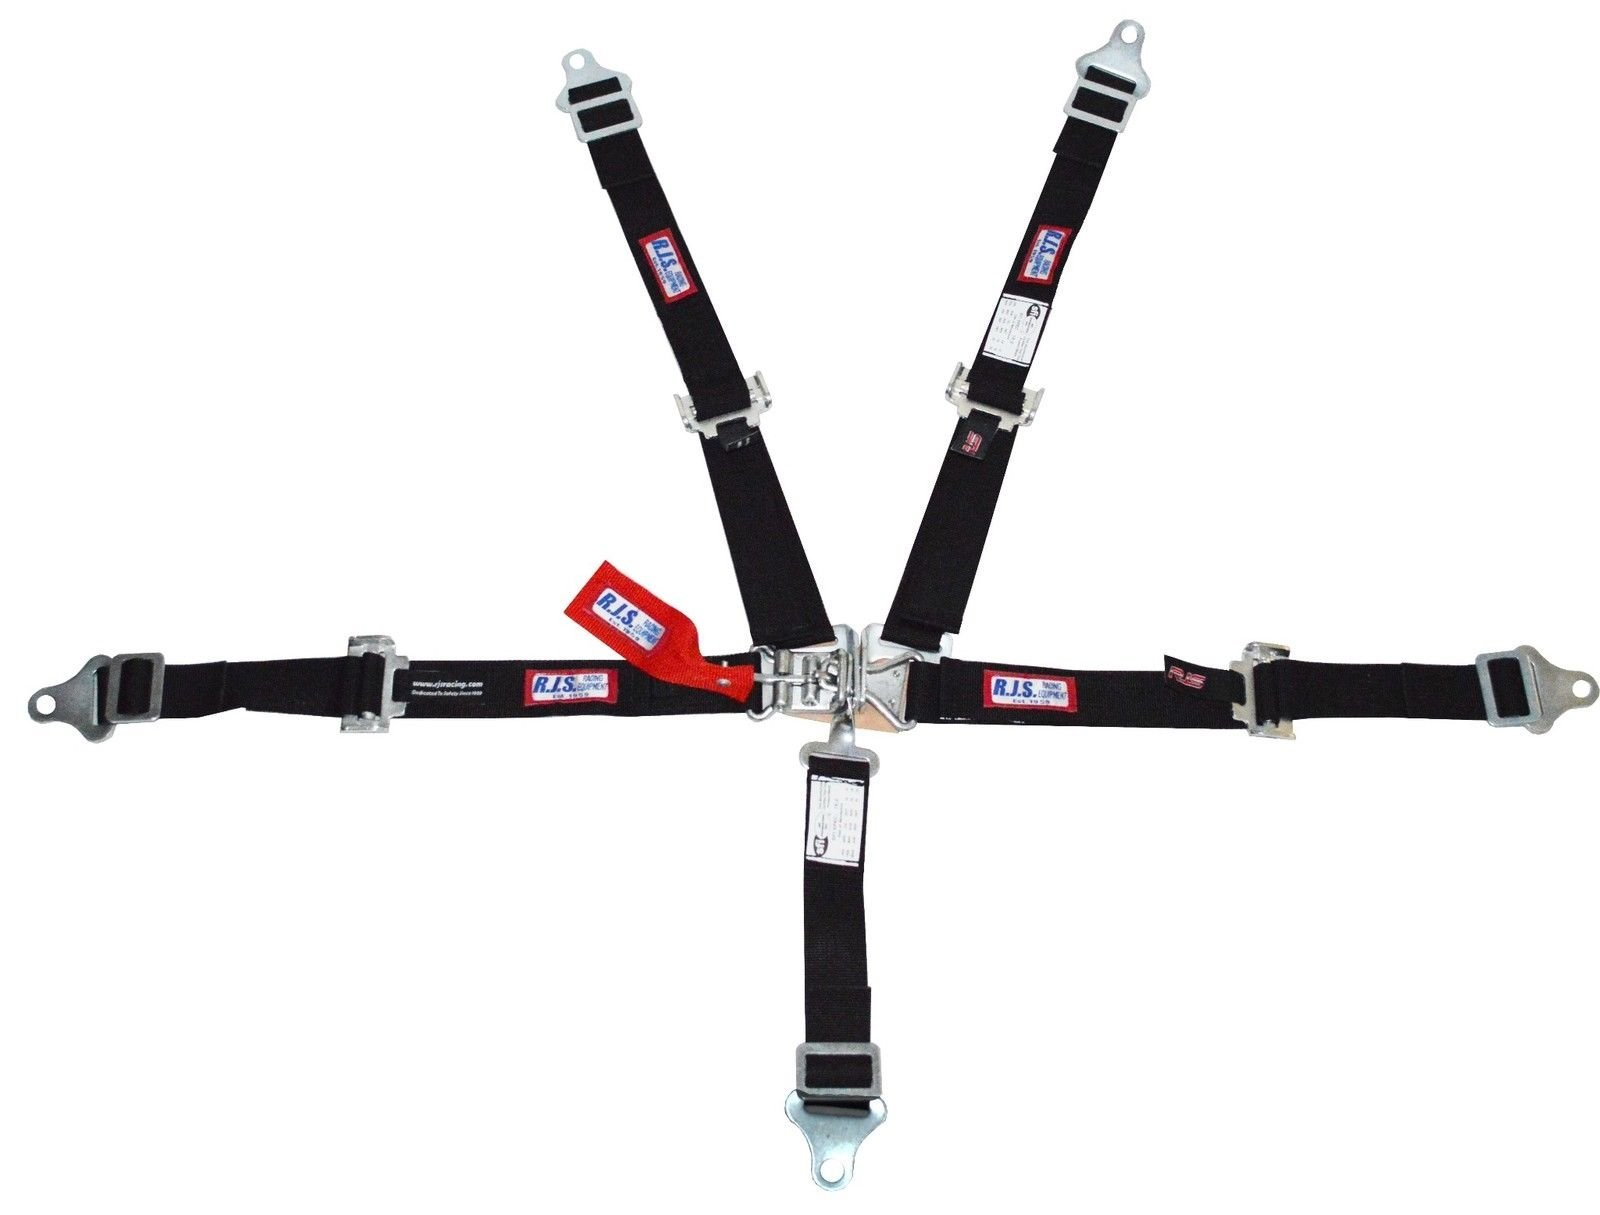 Racerdirect RJS Racing 2'' 5 PT Latch & Link Harness JR Drag Buggy Belt Black 1005601